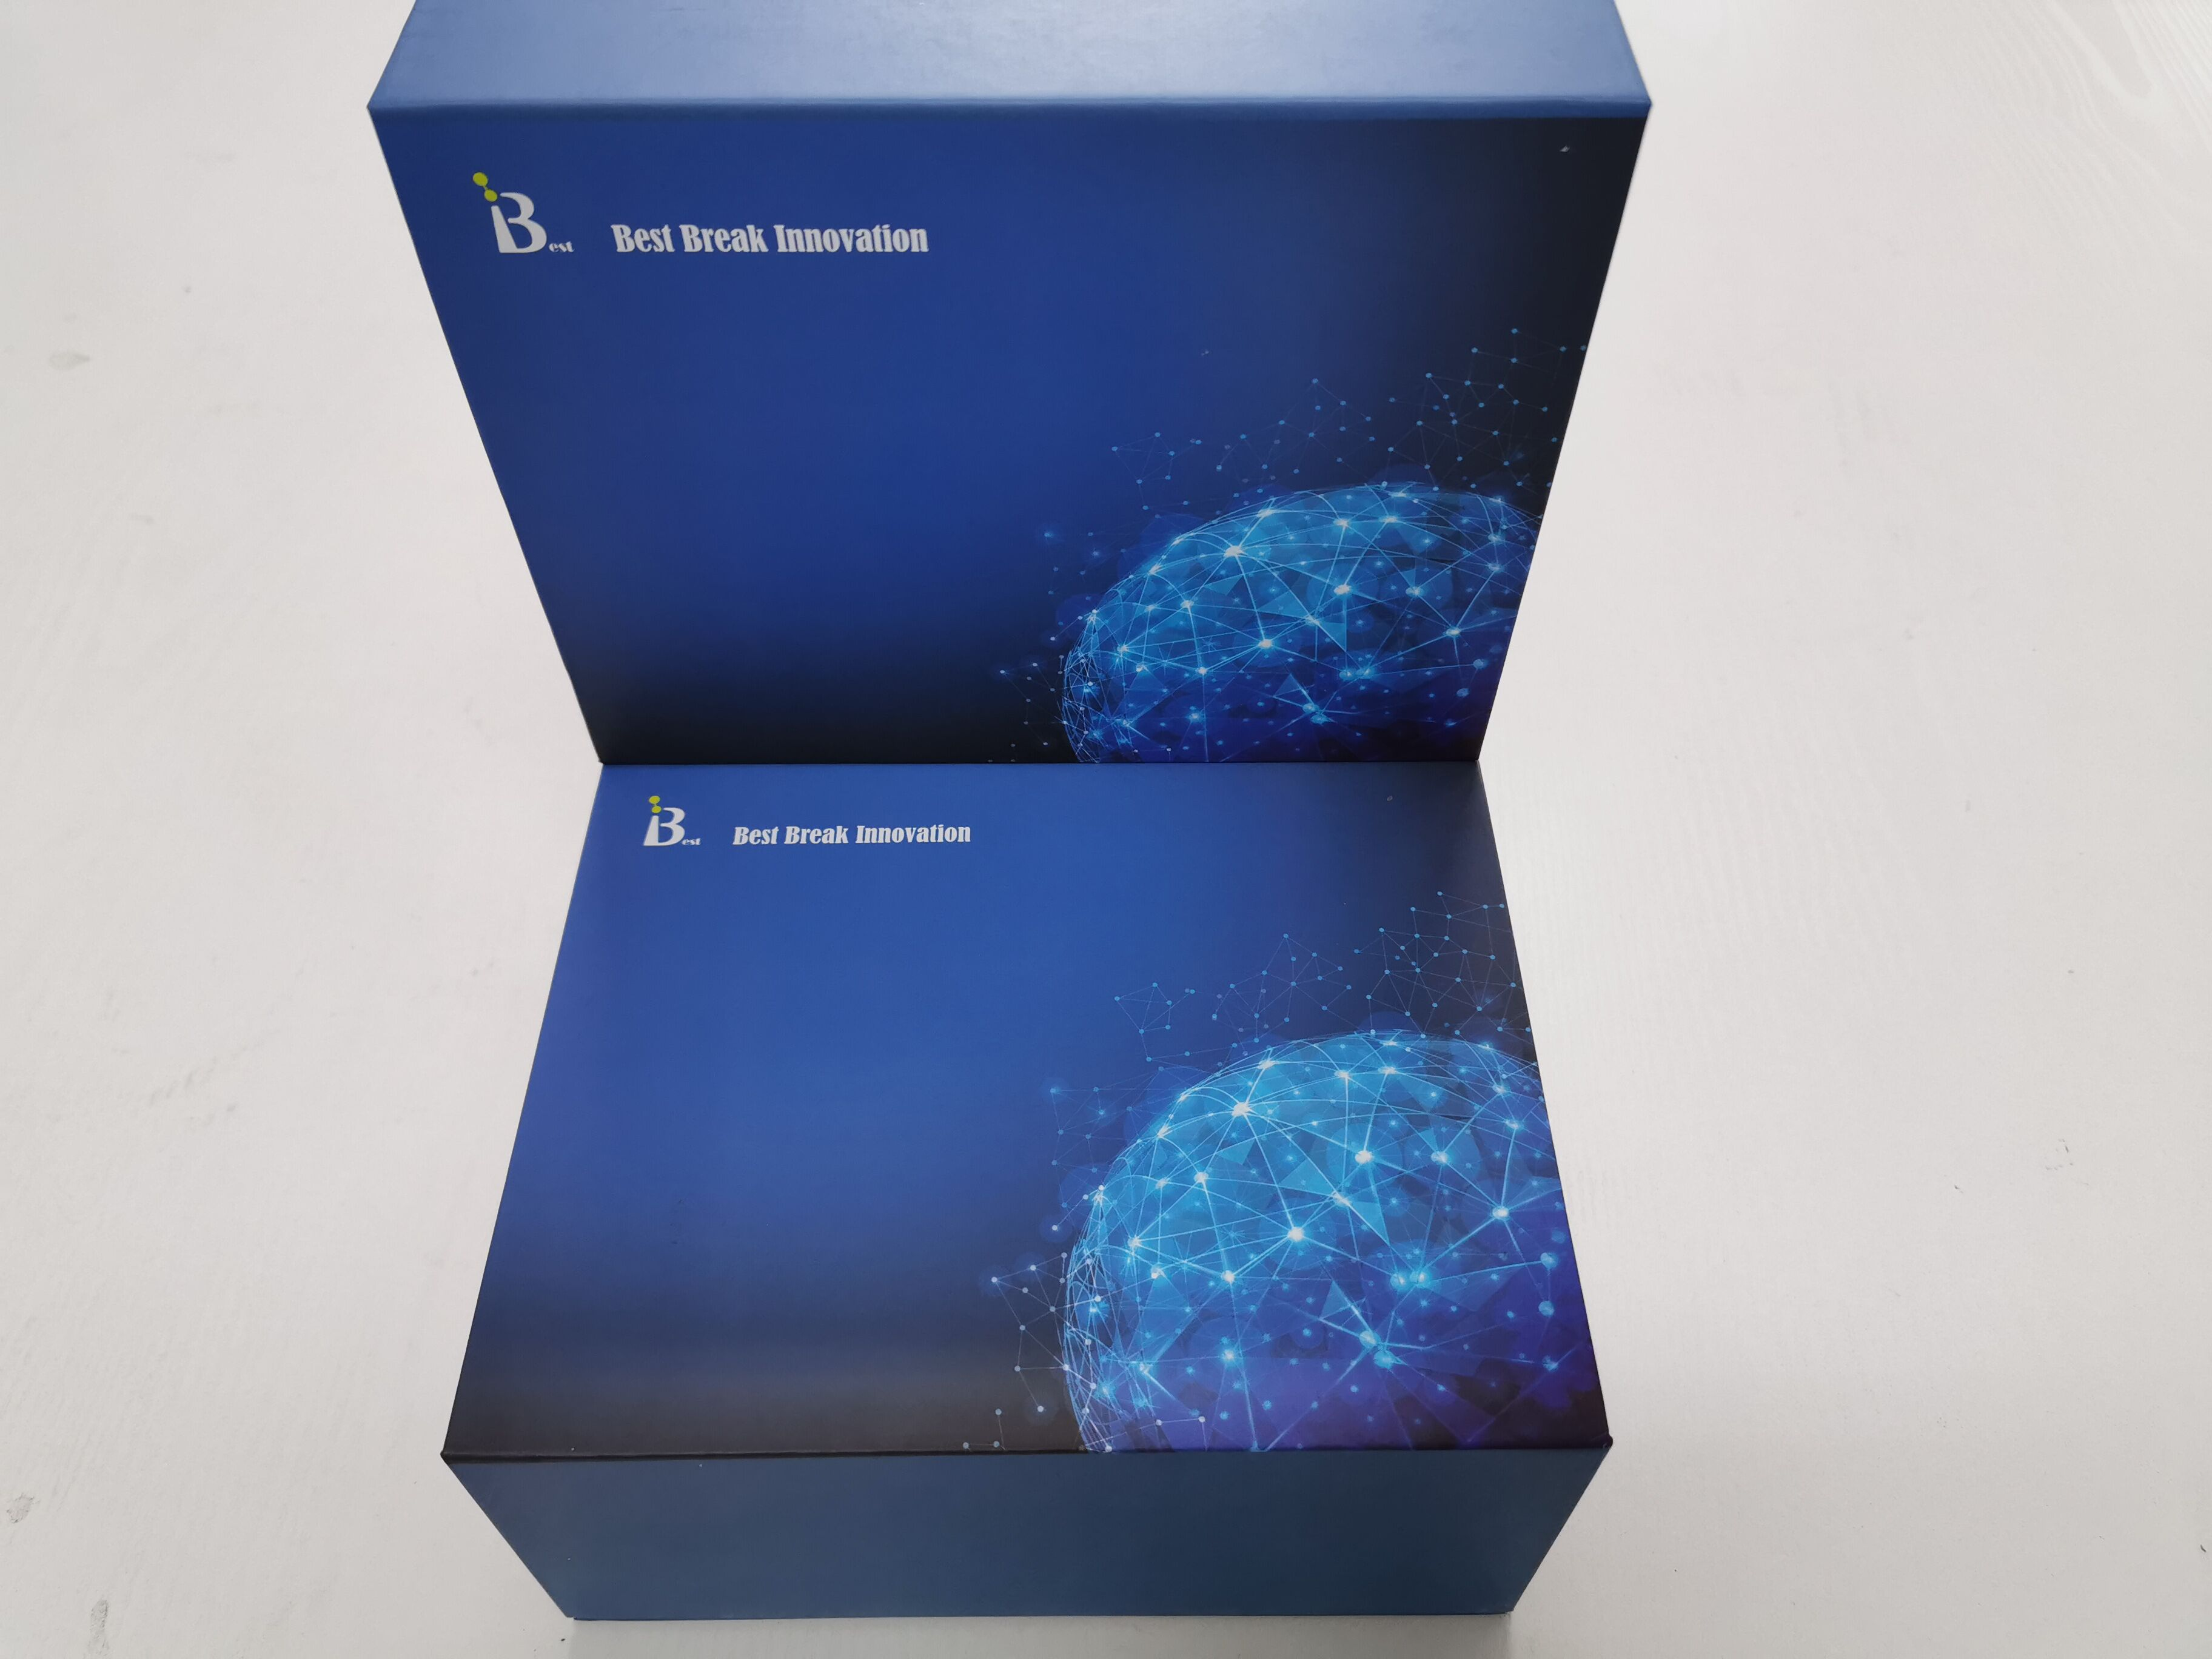 豚鼠卵清蛋白特异性IgG酶联免疫试剂盒